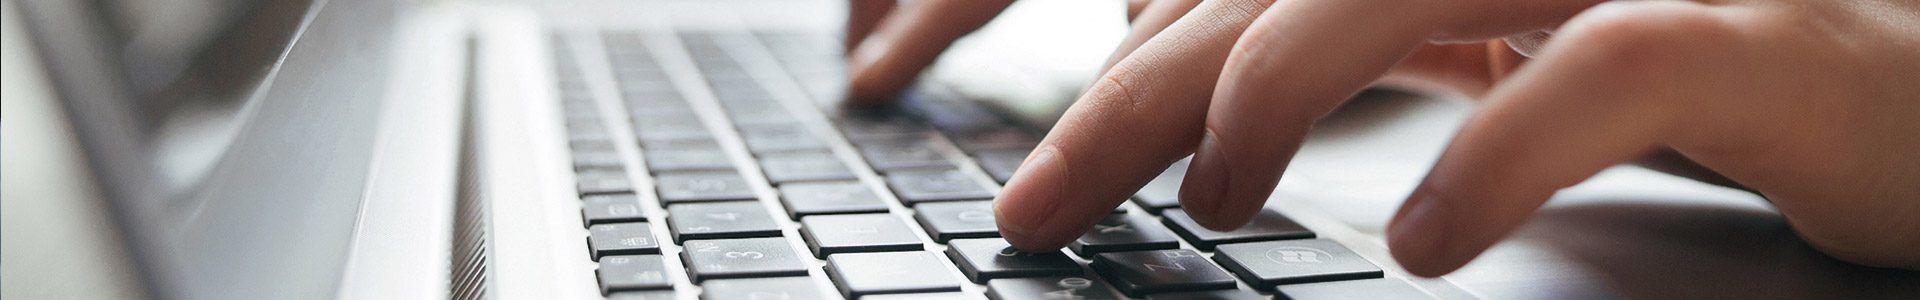 voordelen van een zoekfunctie op een website